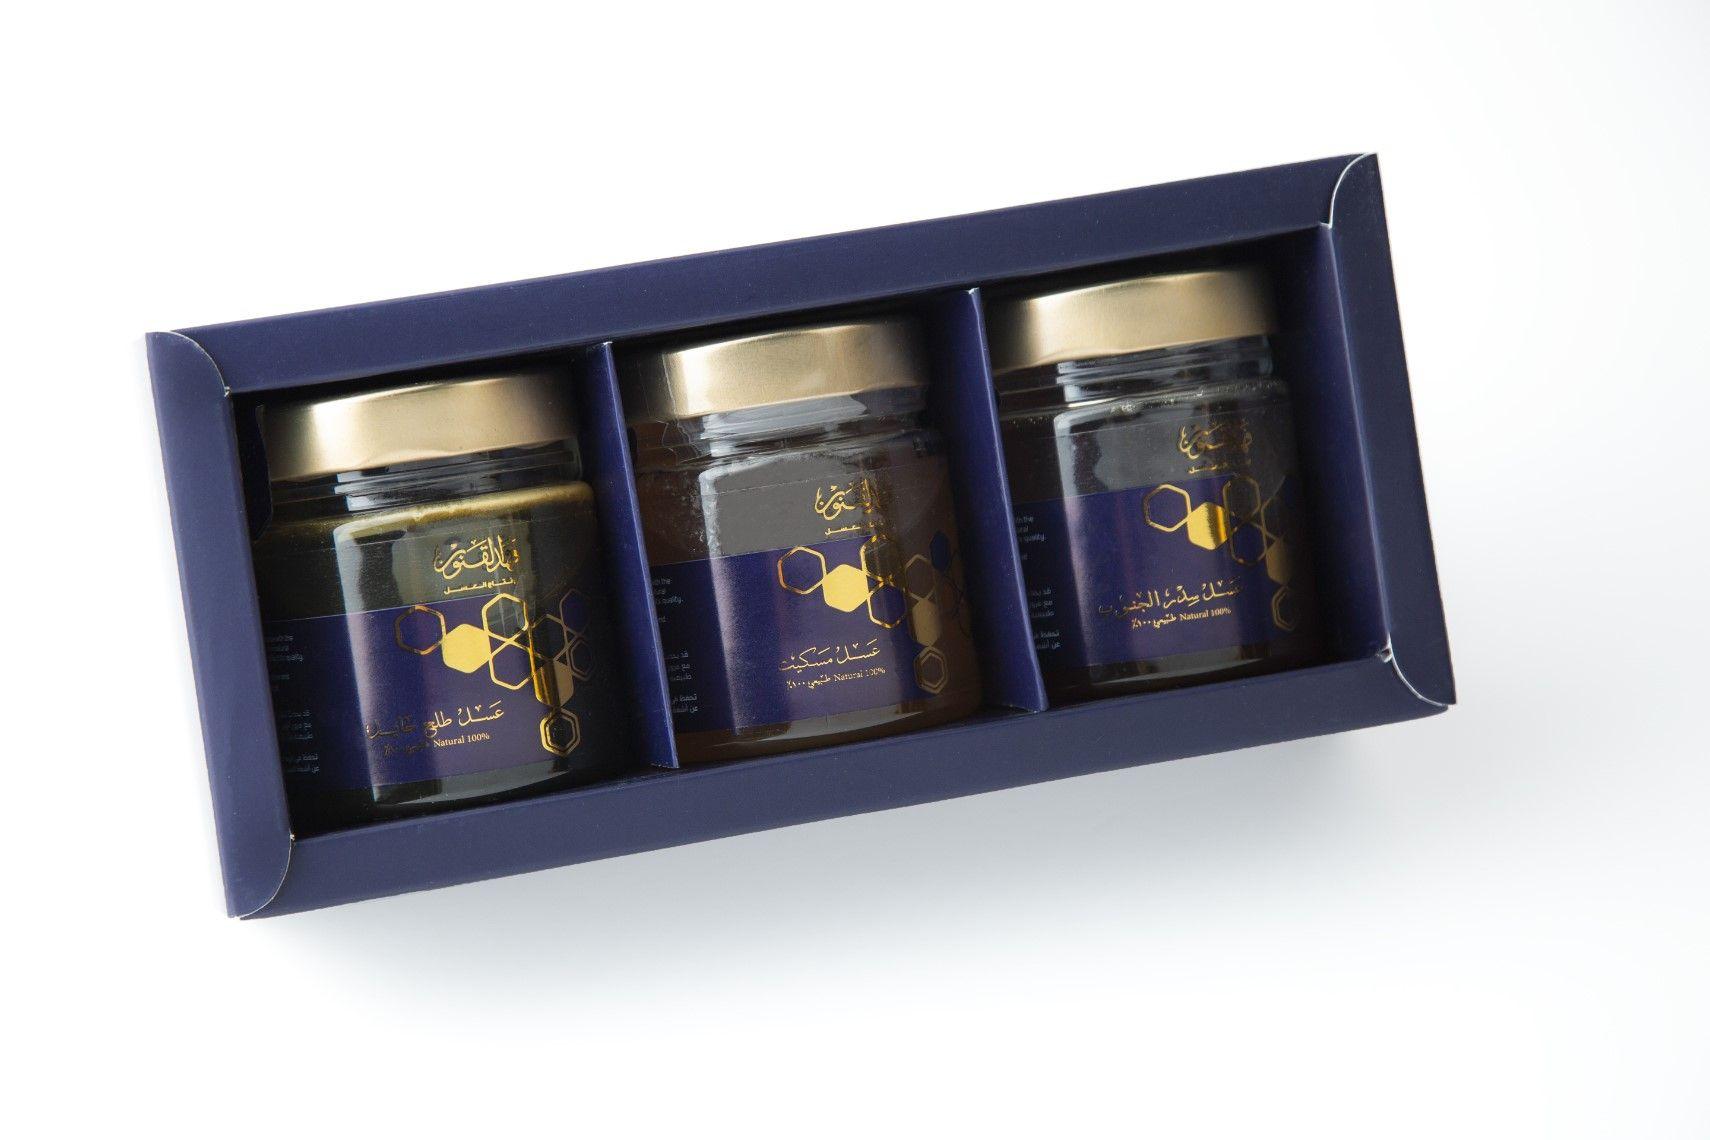 أشهر الفوائد الصحية لعسل طلح حائل مسكيت سدر الجنوب Decor Frame Home Decor